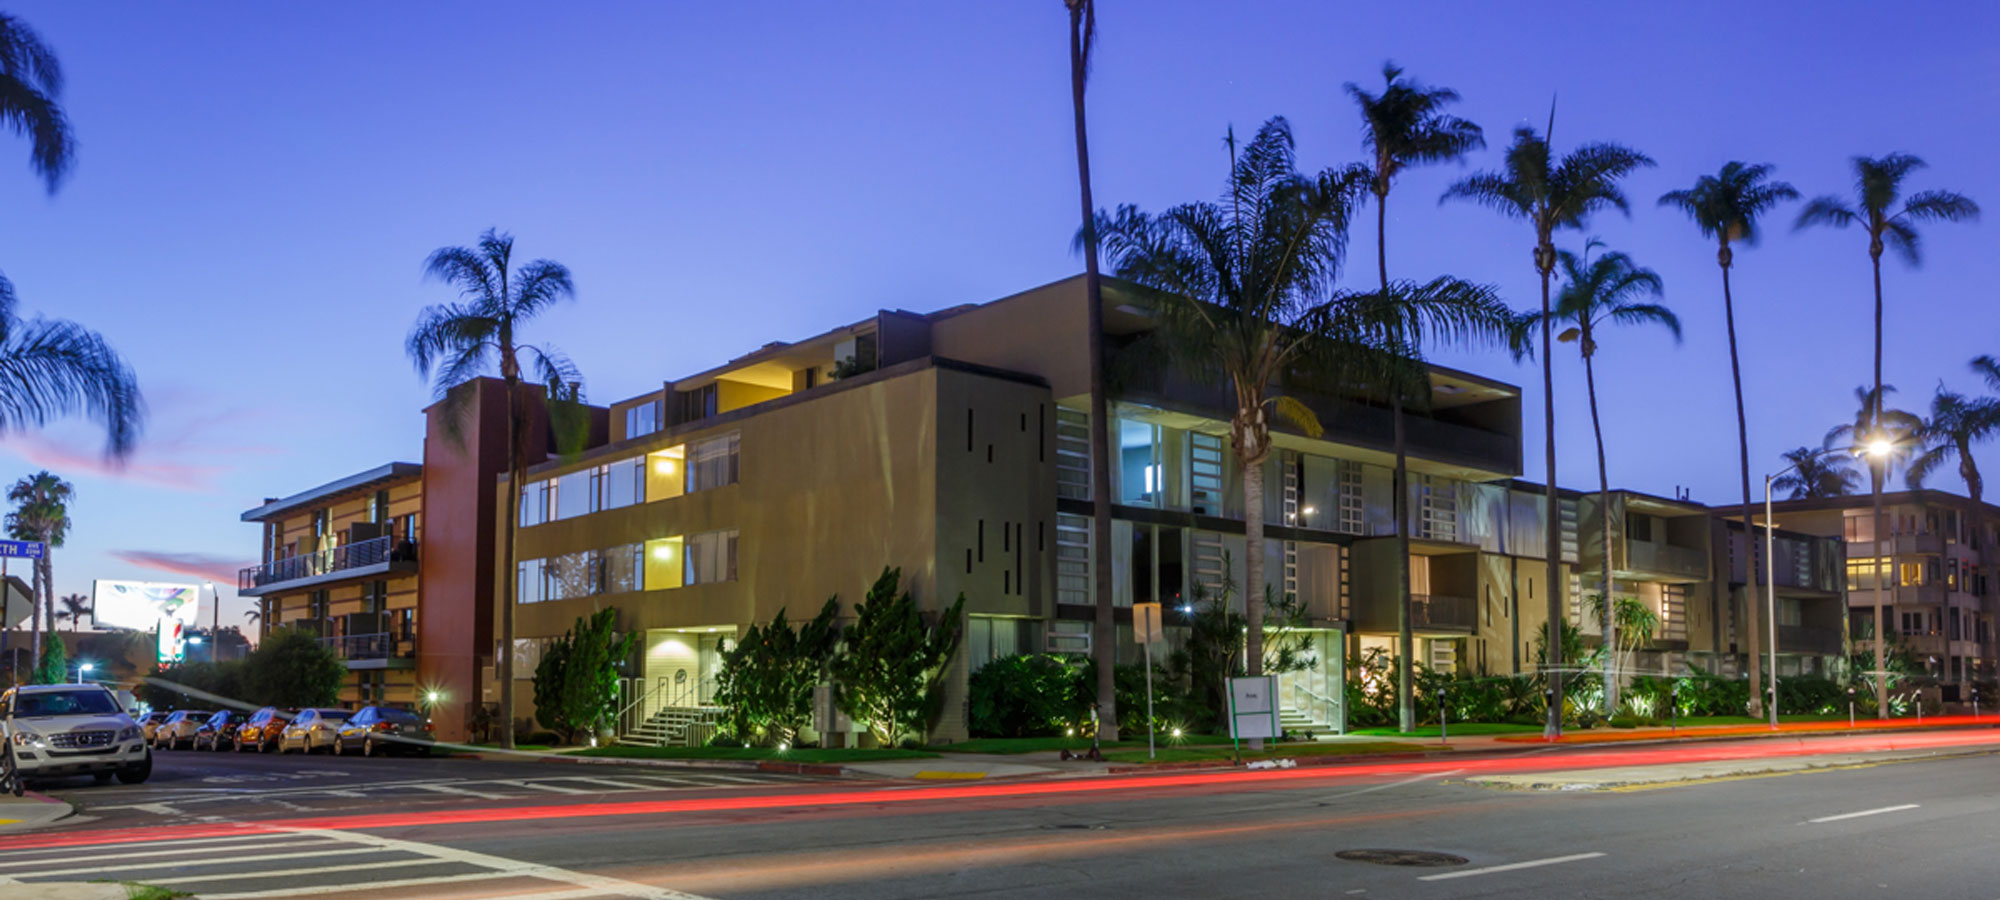 3200 Sixth Ave UNIT 209 San Diego, CA 92103